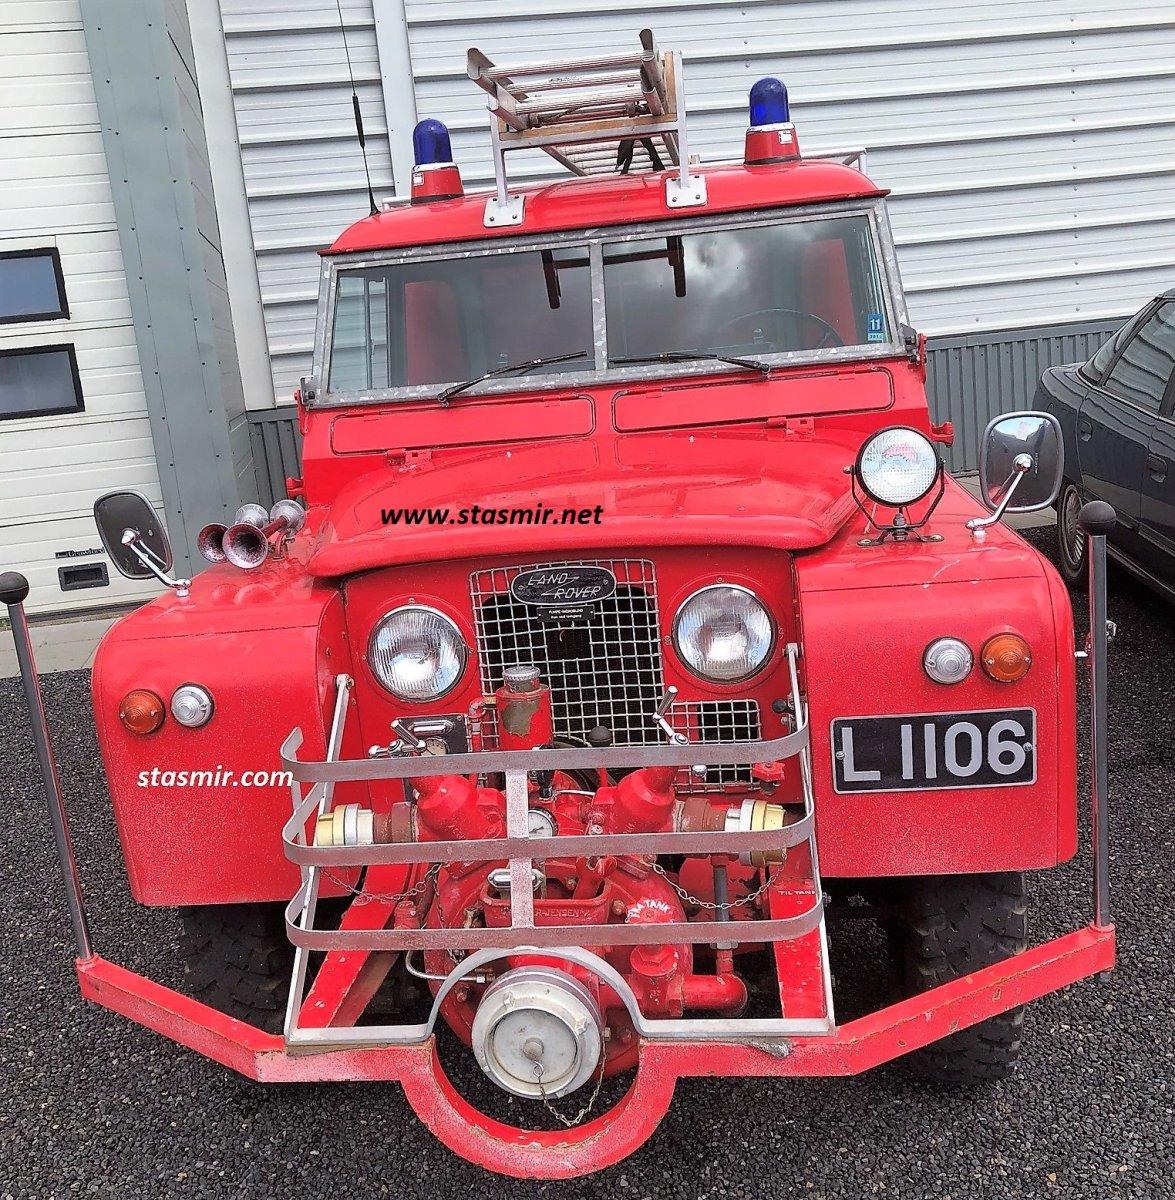 пожарный Лэндровер в Исландии, фото Стасмир, photo Stasmir, Landrover Defender